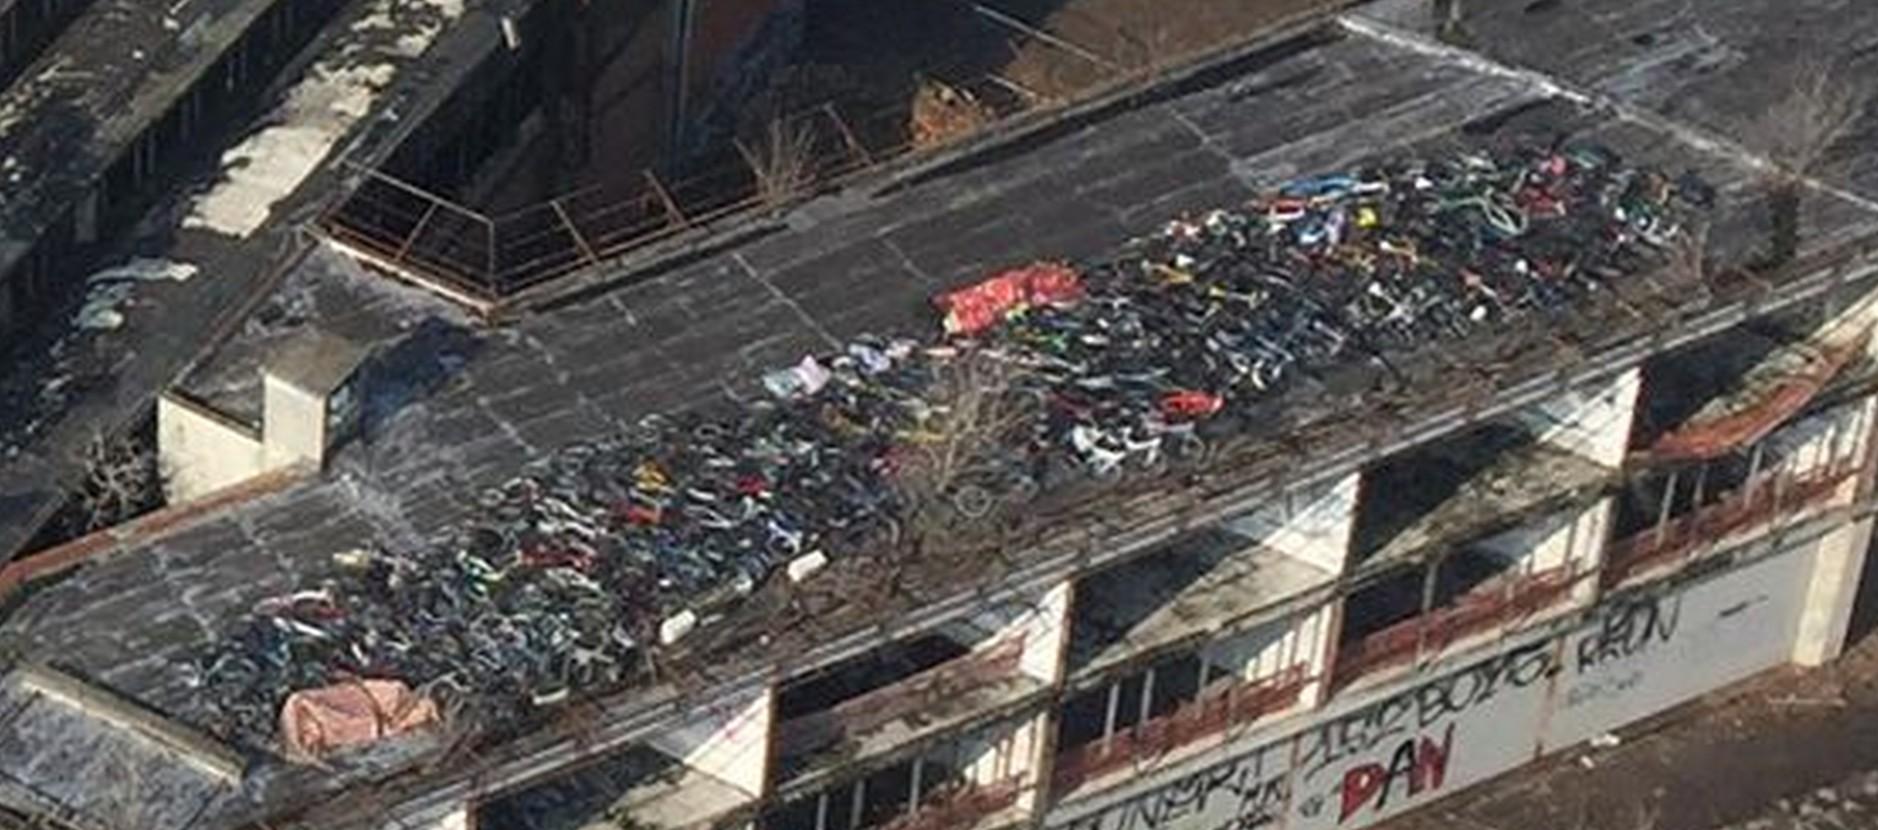 Centinaia di biciclette rubate sono state ritrovate sul tetto di un capannone industriale a Milano